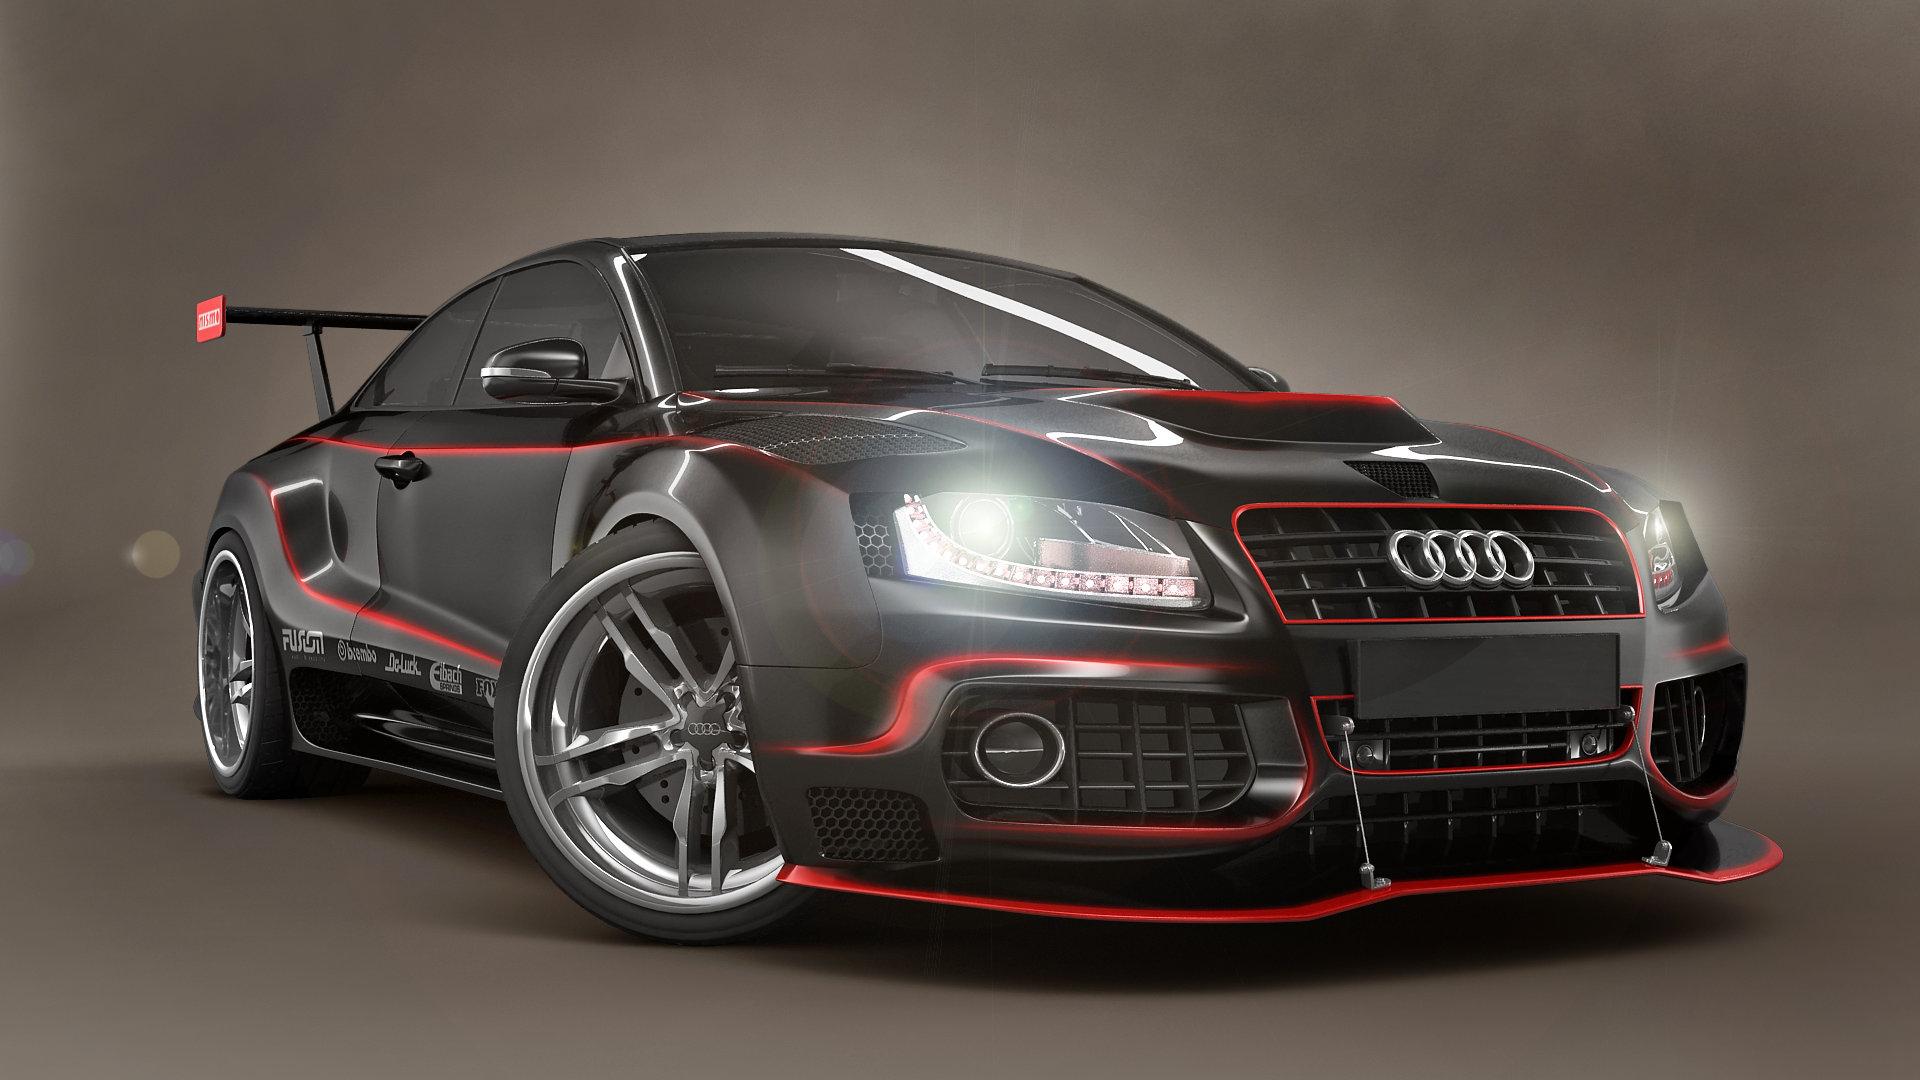 Audi r8 tuning #12